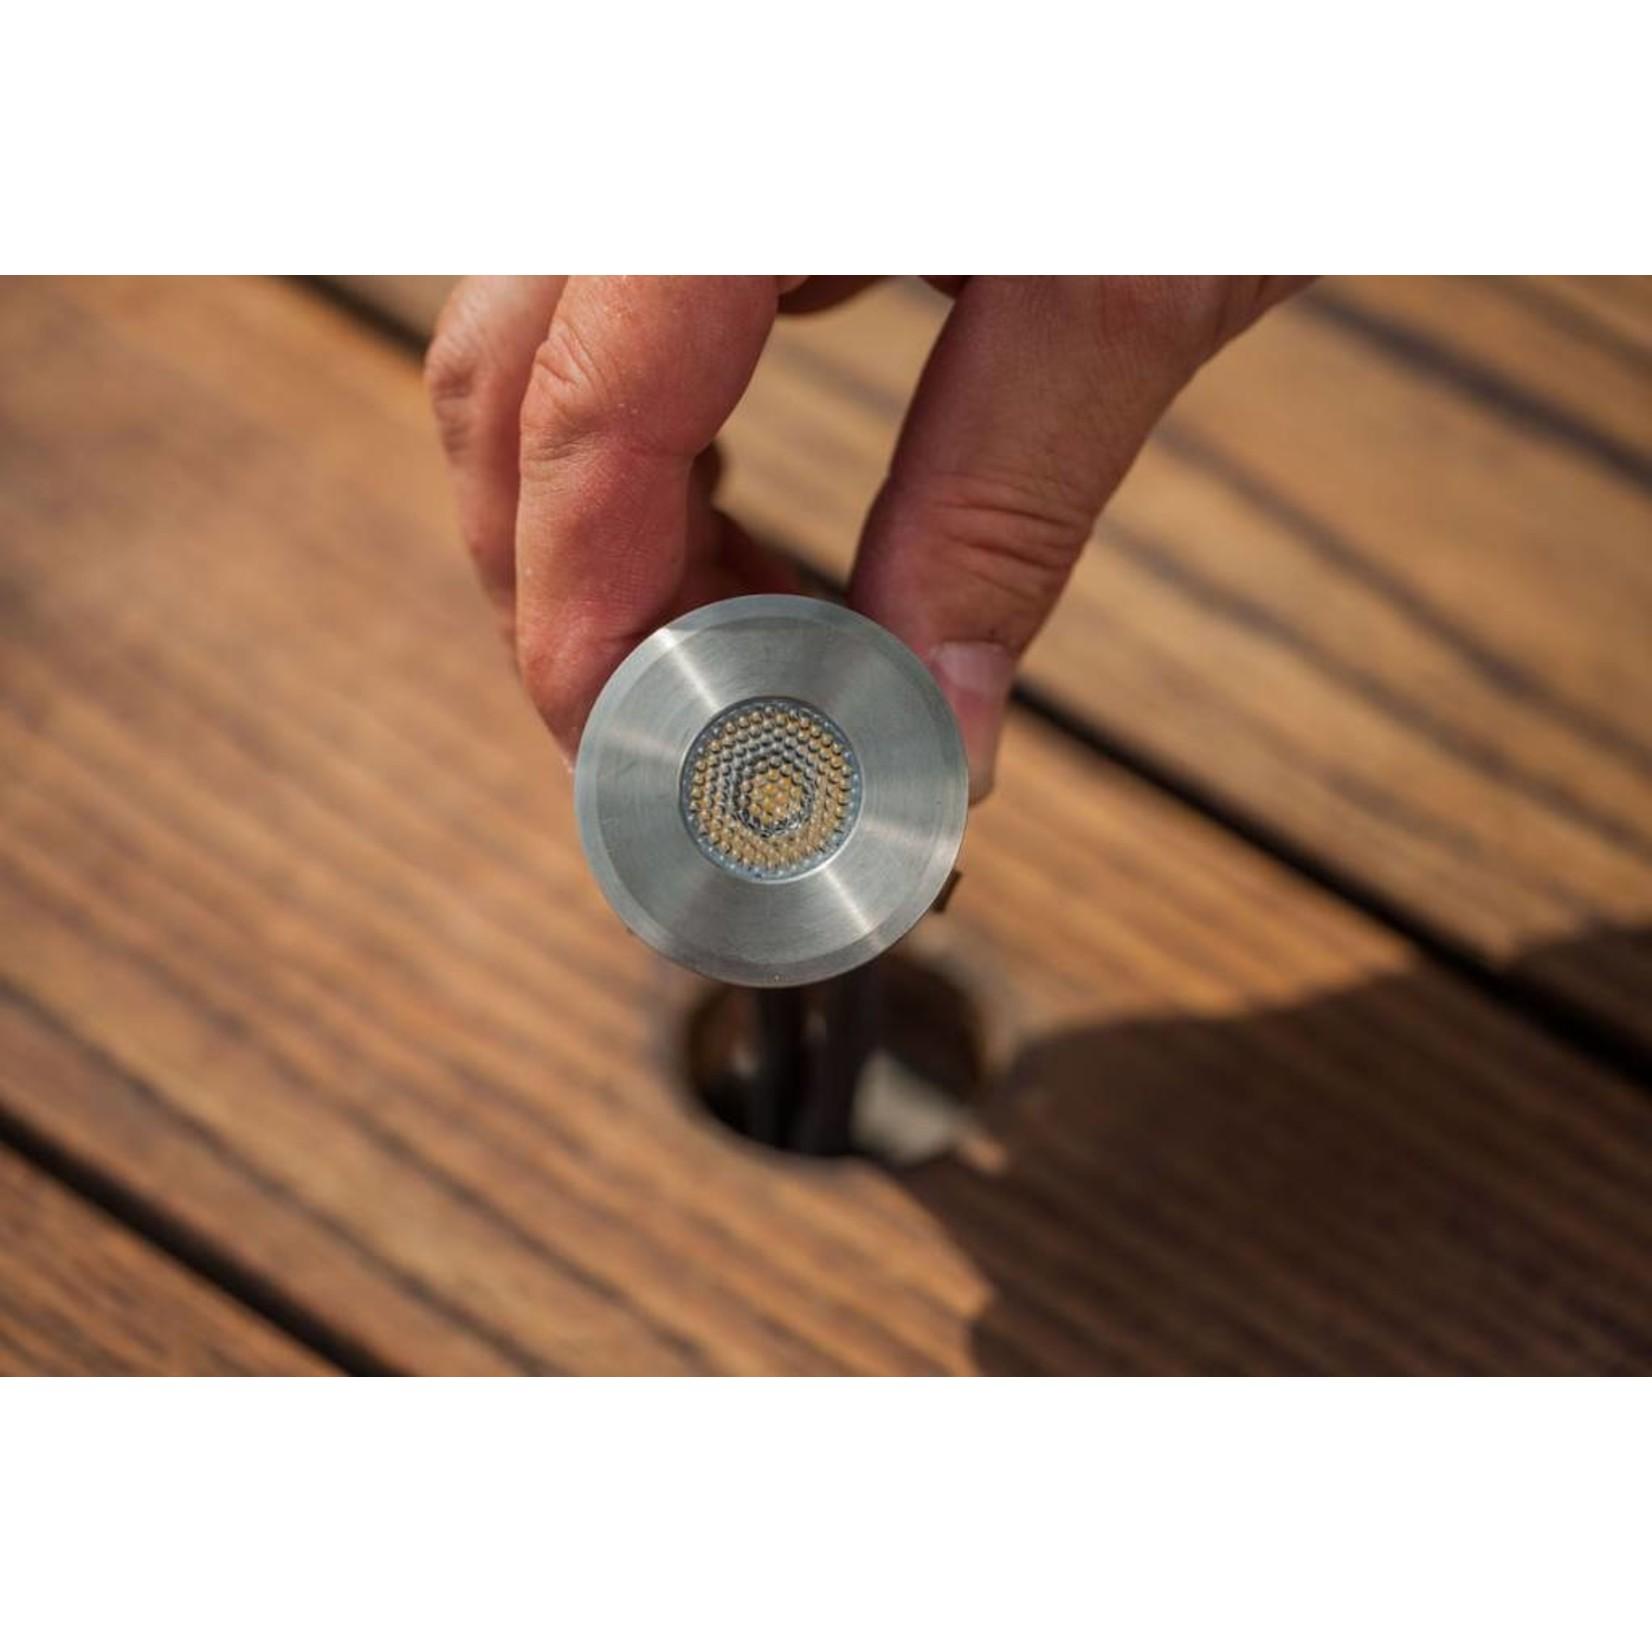 Smart Light vlonderverlichting 1W warm wit RVS